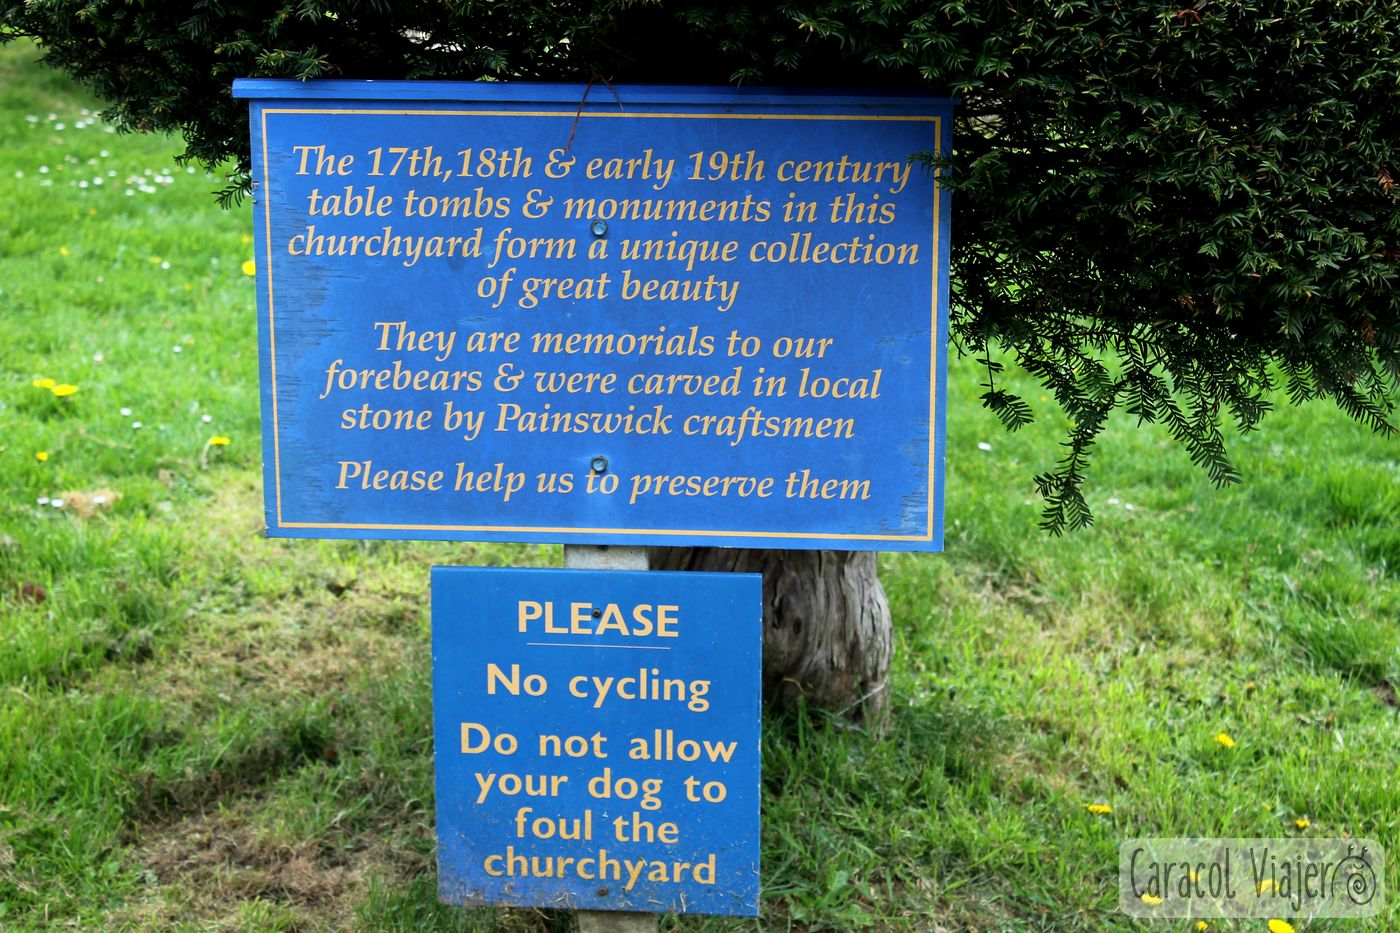 Aviso cartel cementerio en la campiña inglesa - ruta al castillo de Sudeley